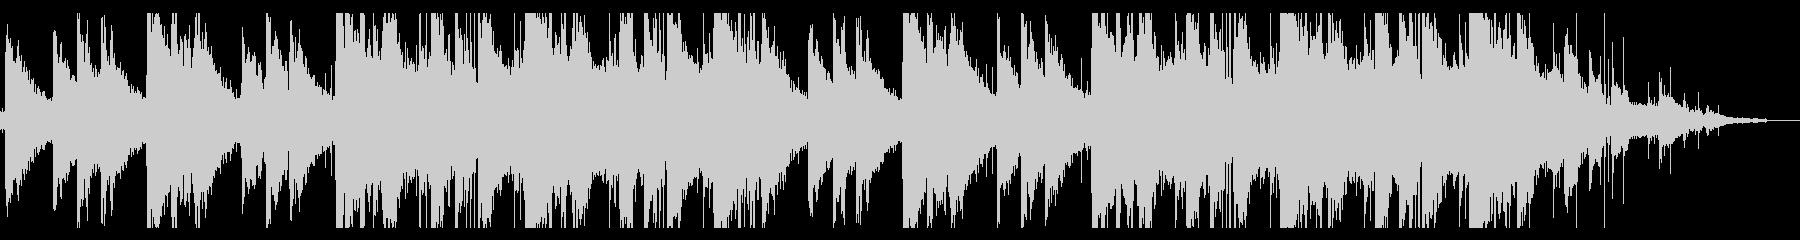 海/ローファイヒップホップ_No404の未再生の波形